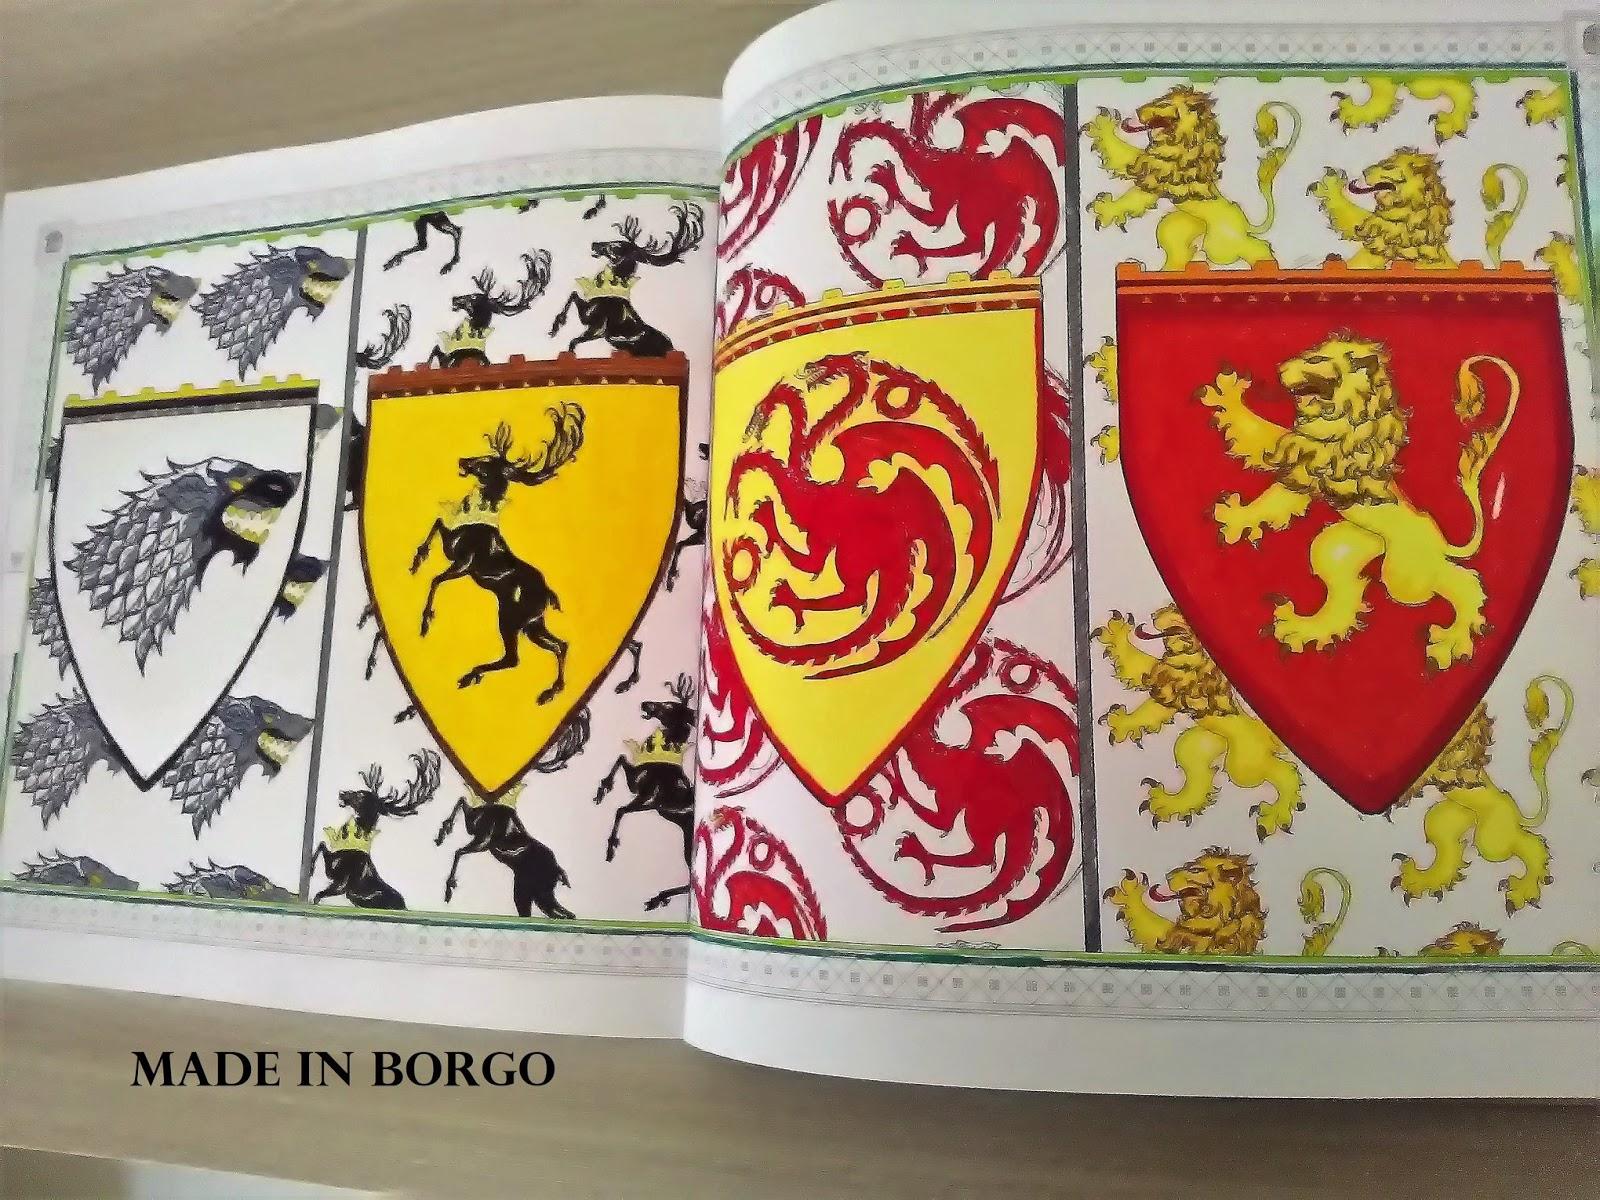 I Ho Usato Una Pagina Da Colorare Dal Coloring Book Del Trono Di Spade Per Colorarlo Gli Stabilo Pen 68